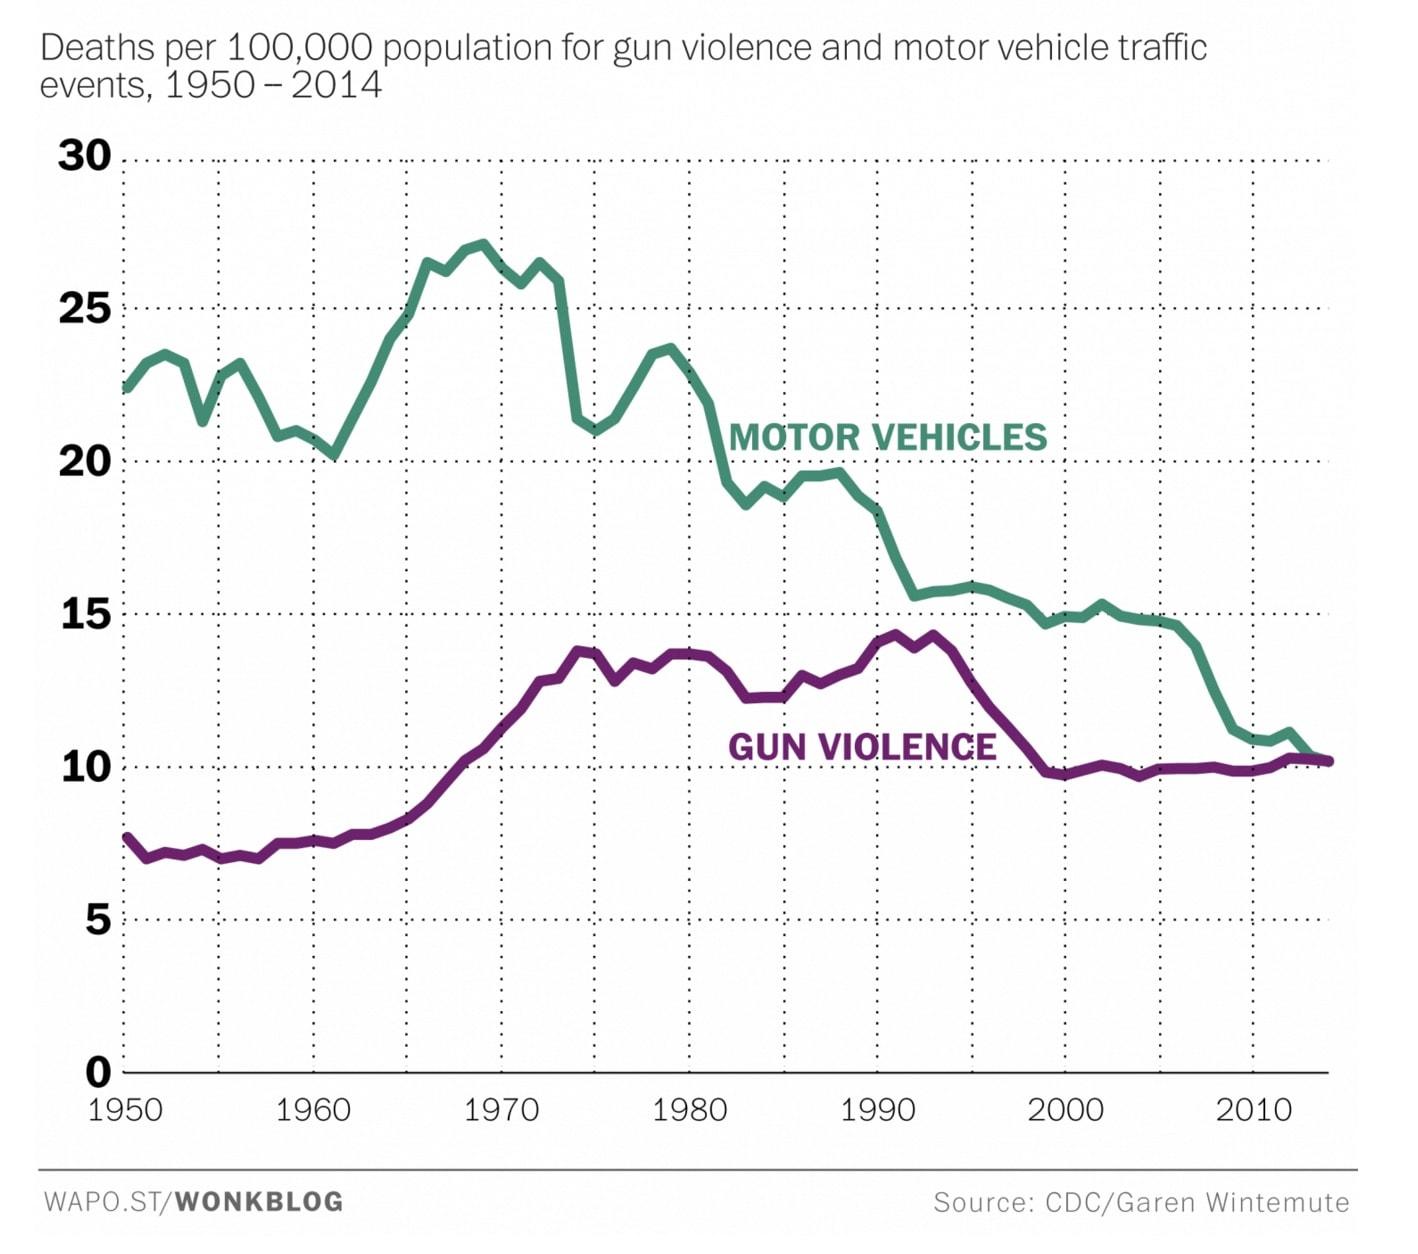 Gun/car deaths per 100,000 (1950-2014) - Washington Post graphic - source: CDC/Garen Wintemute